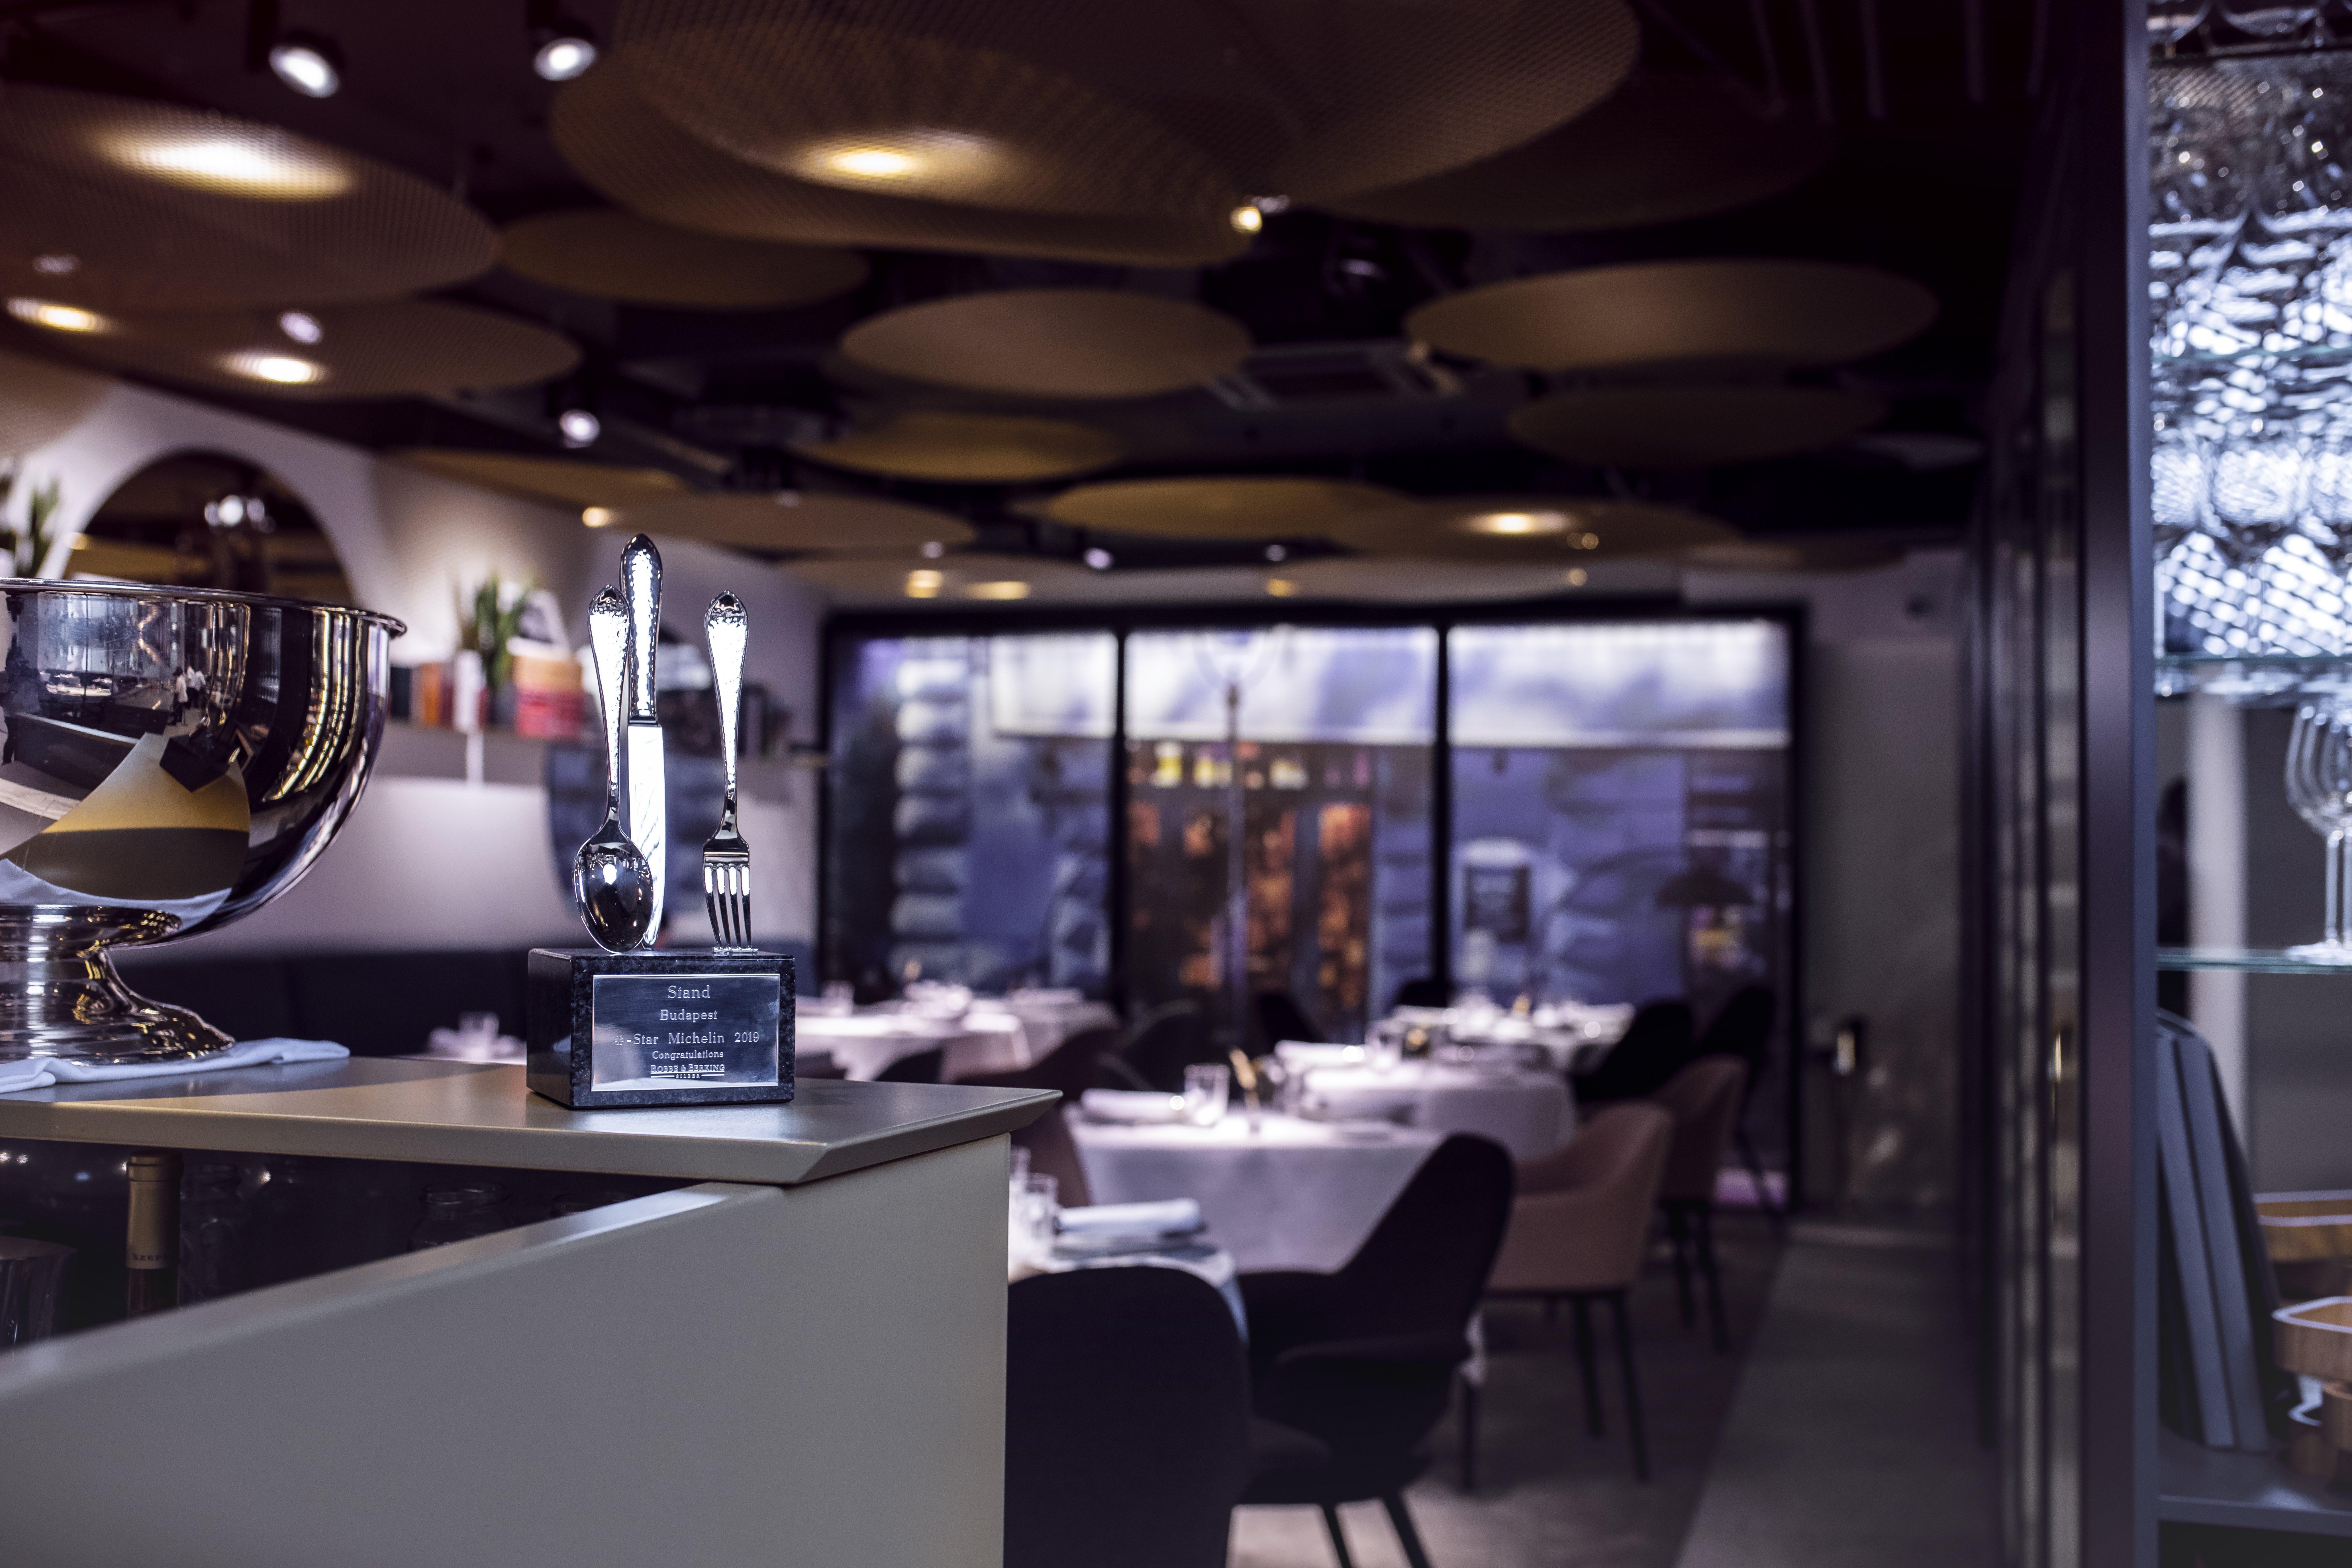 stand_restaurant_budapest_hungary